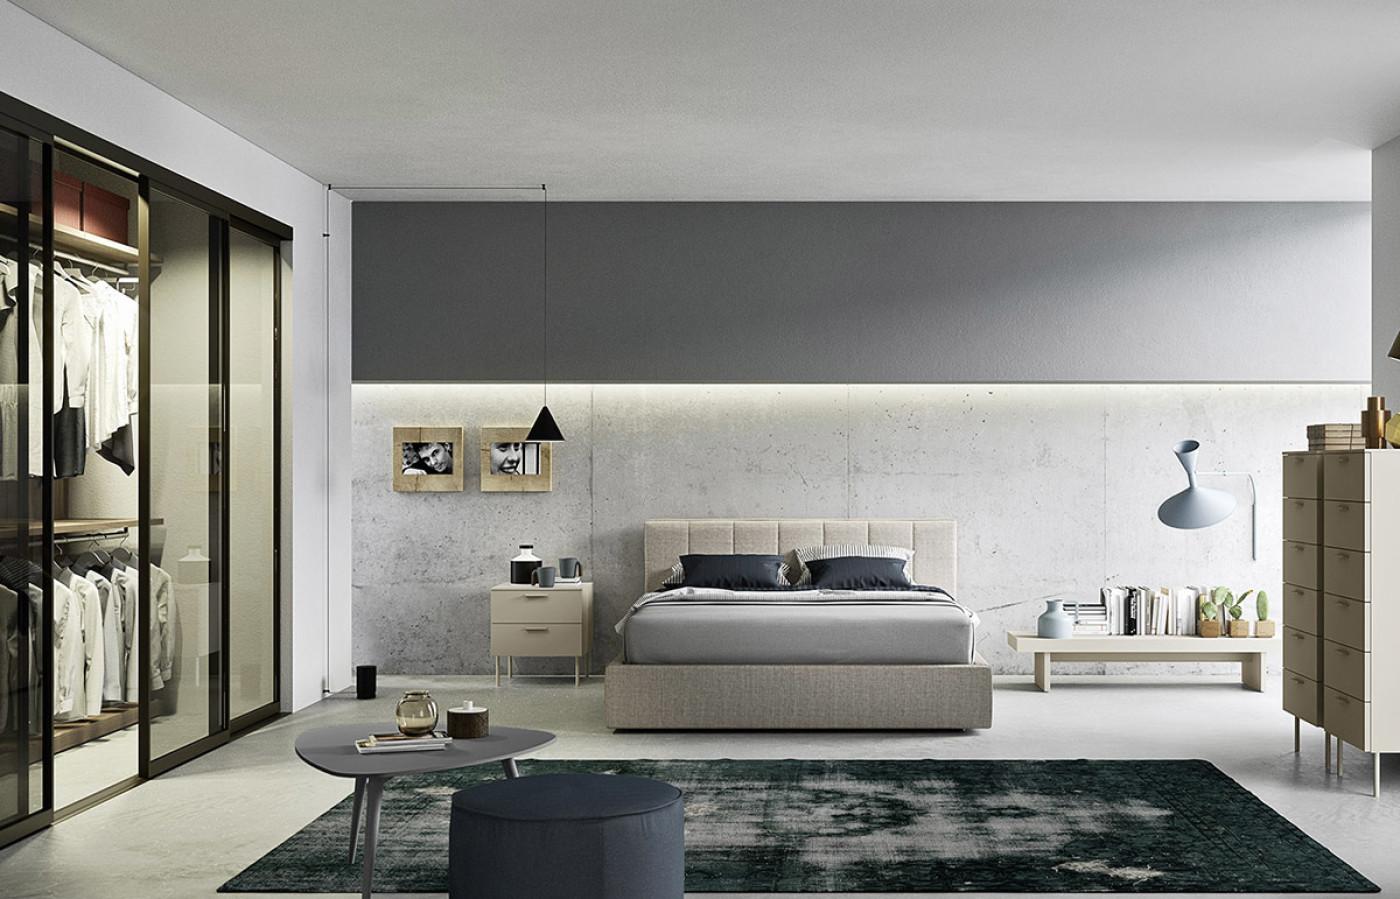 Camera da letto bergamin arredamenti for Bergamin arredamenti mestre